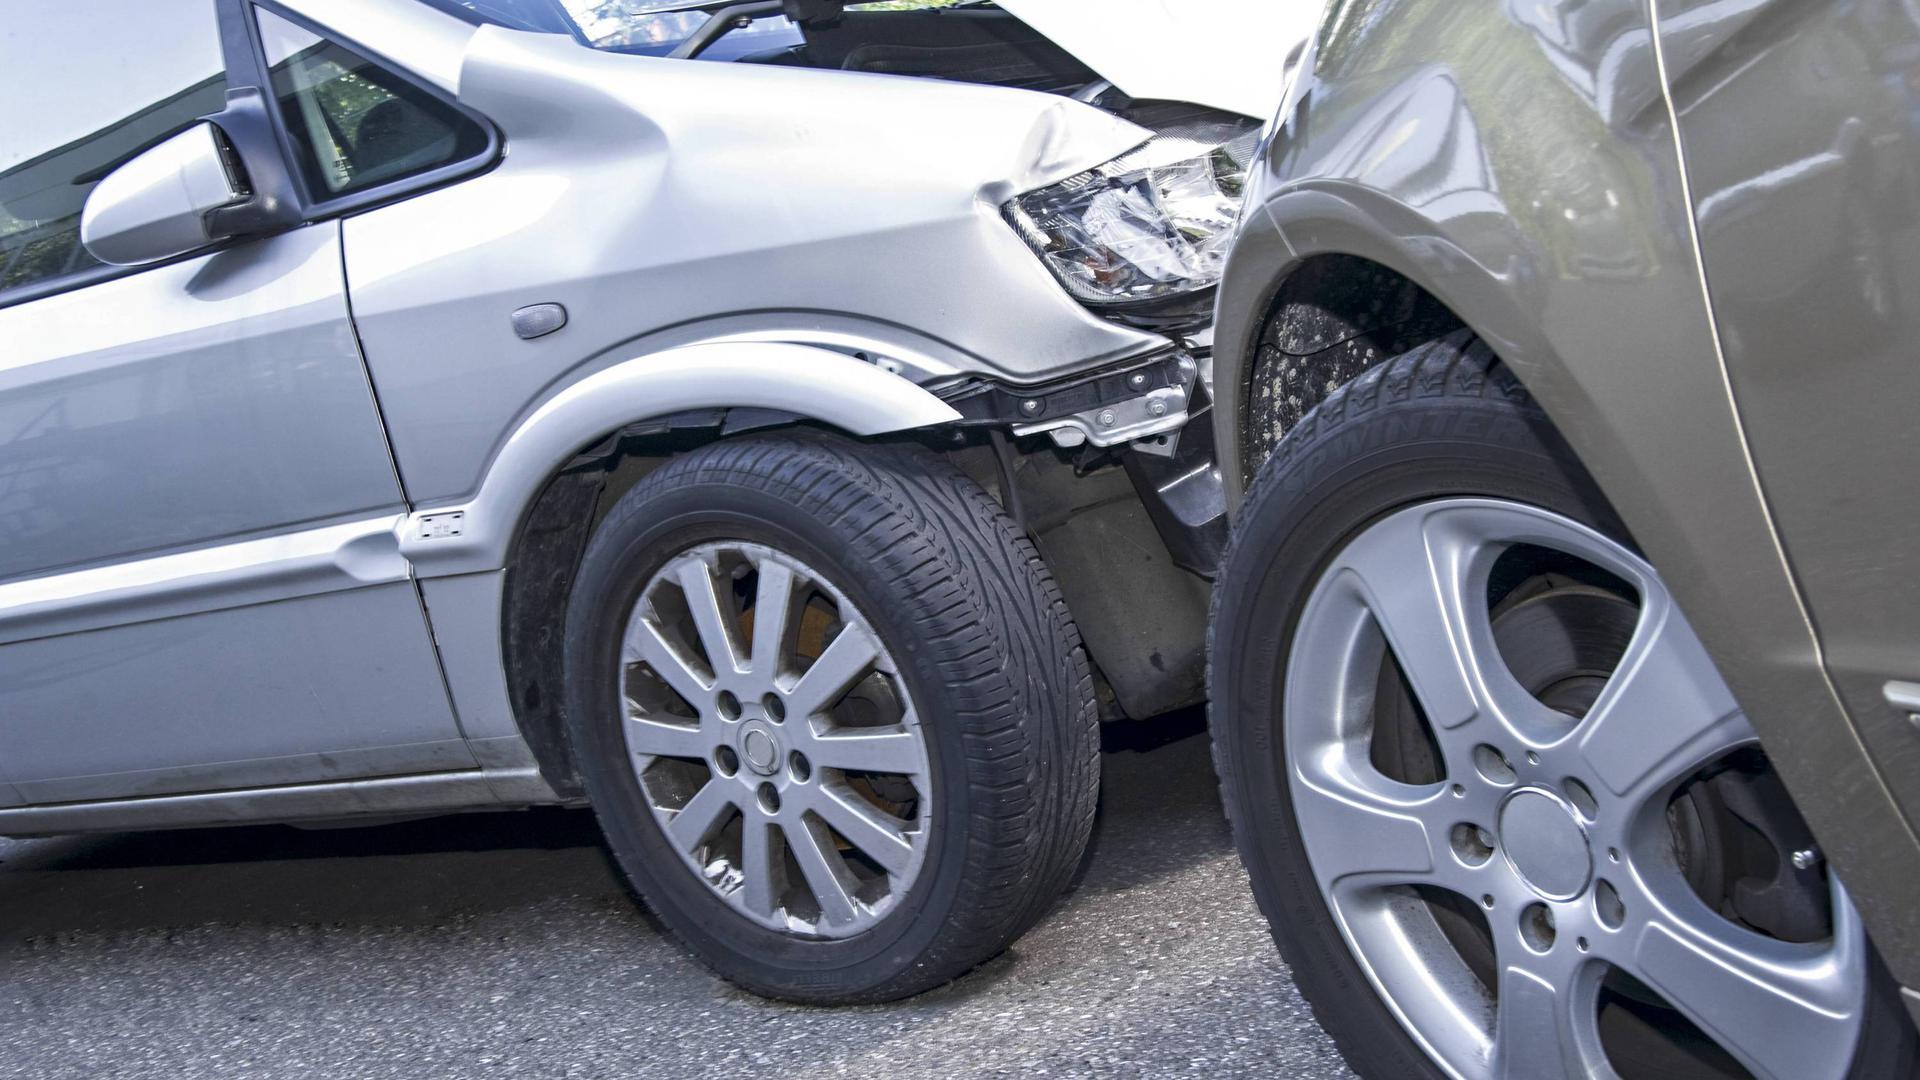 Autounfall, Blechschaden Copyright: xMEVx ALLMVBV1829  Car accident Sheet damage Copyright xMEVx ALLMVBV1829